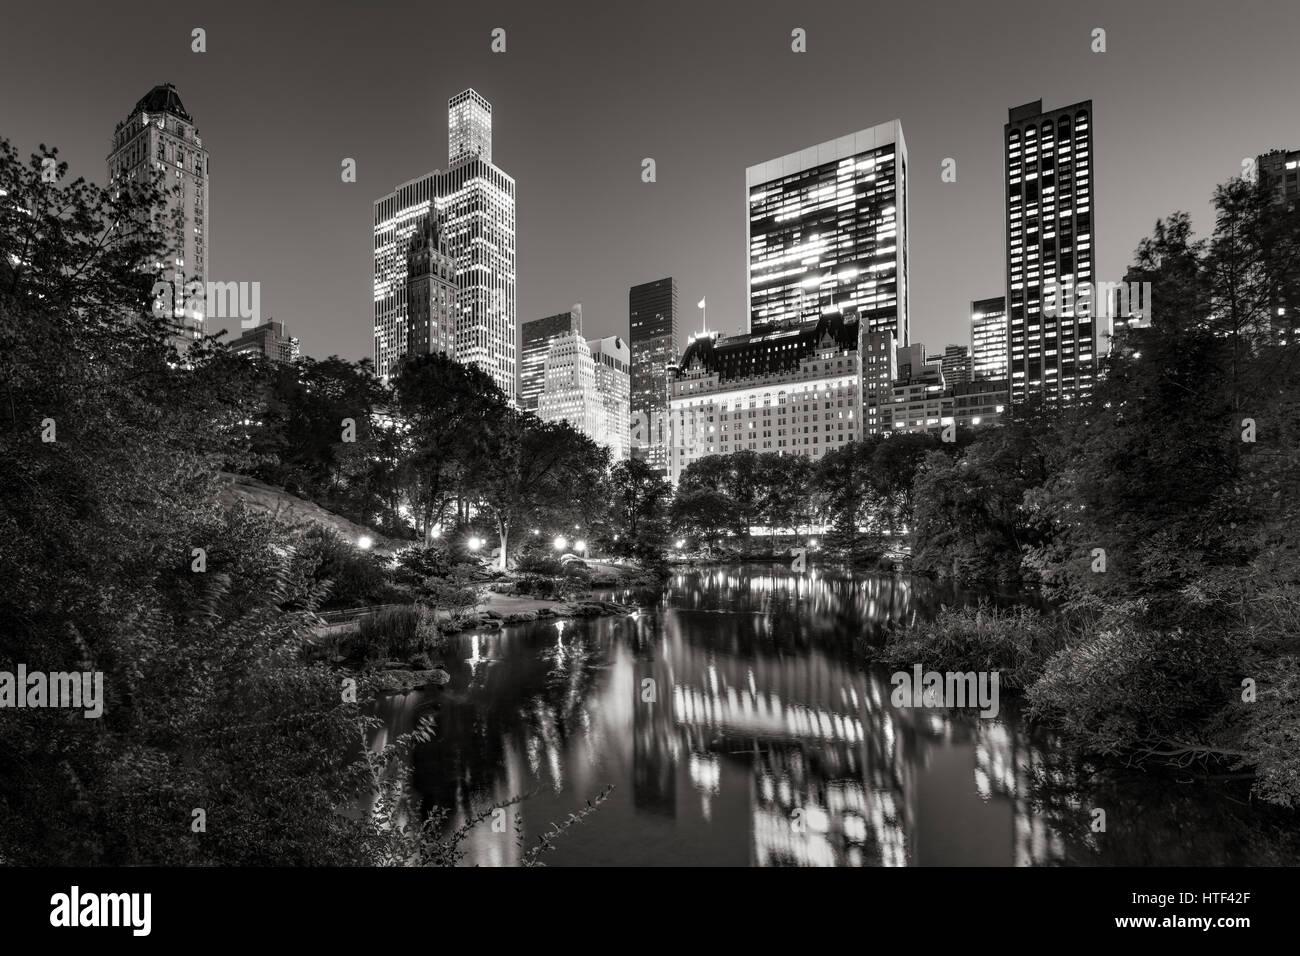 Midtown Manhattan Wolkenkratzer Abend beleuchtet. Die Gebäude des Central Park South spiegeln sich in den Teich. Stockbild